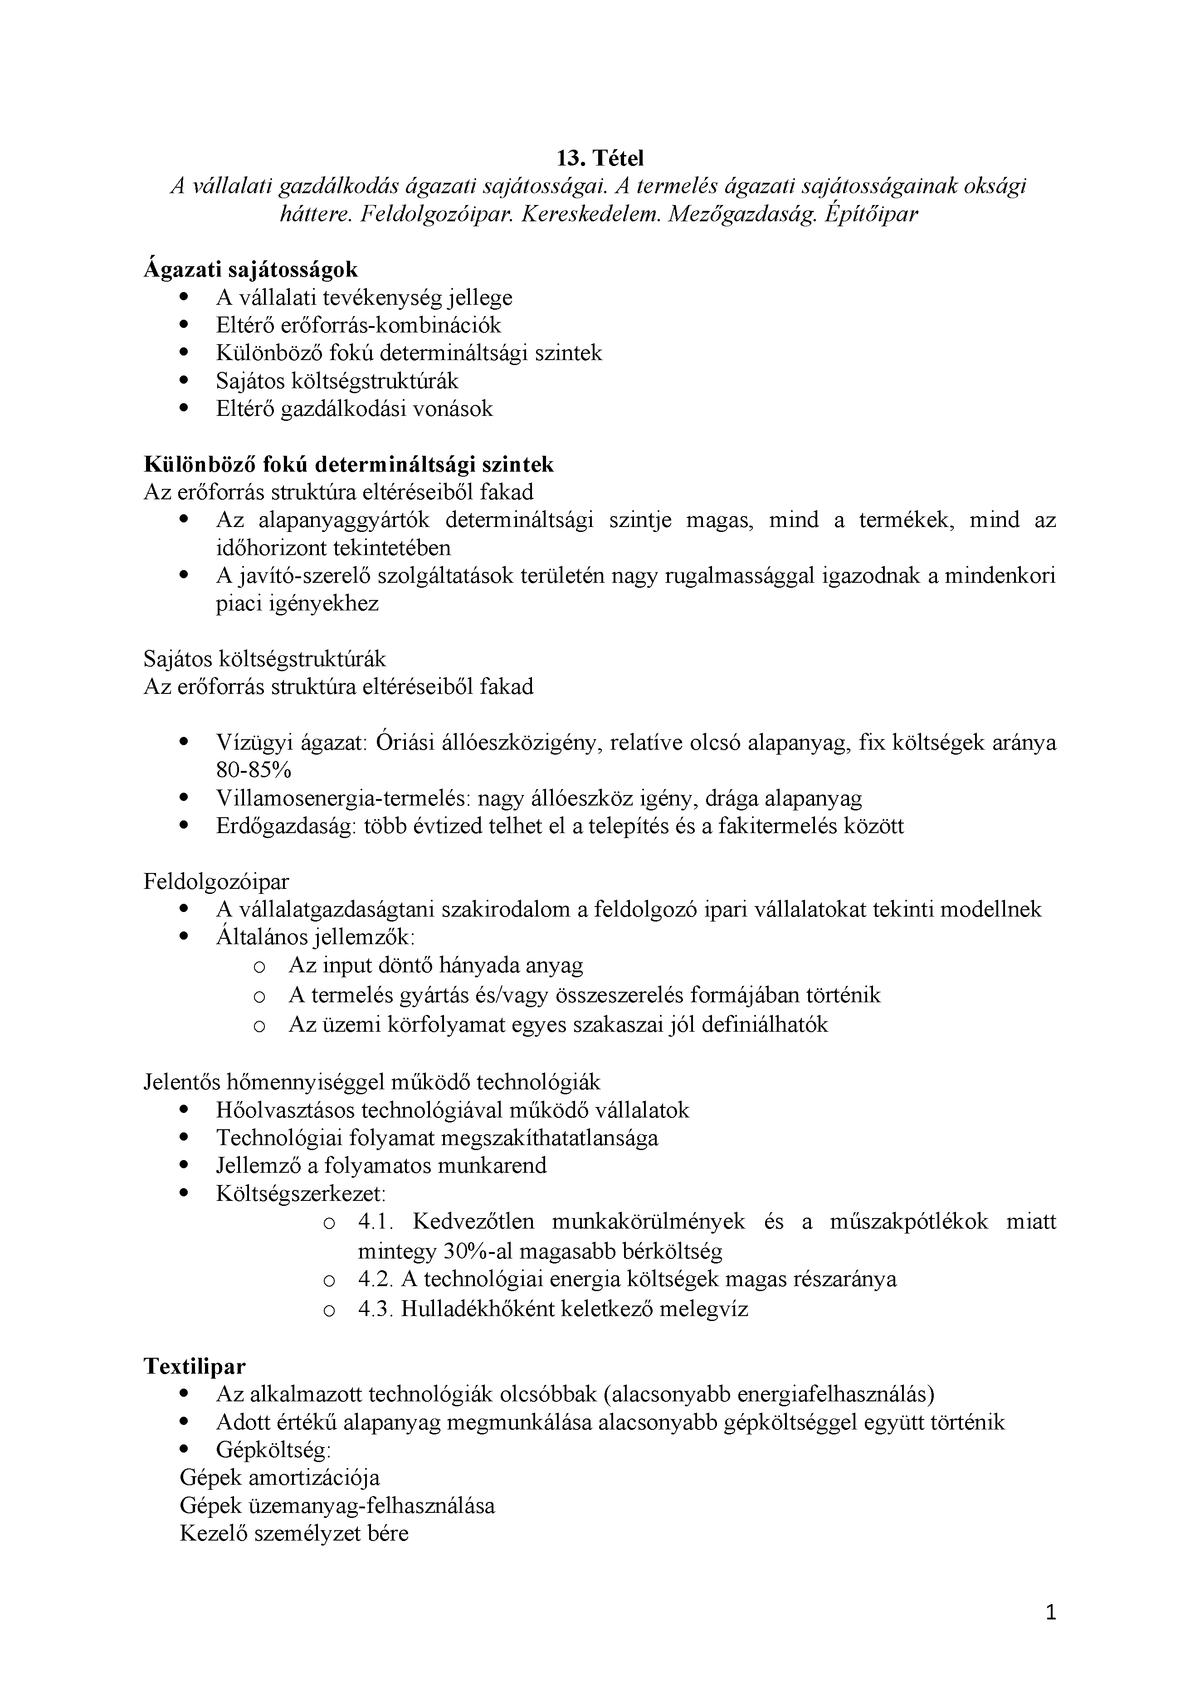 Kereskedelem könyv - 1. oldal